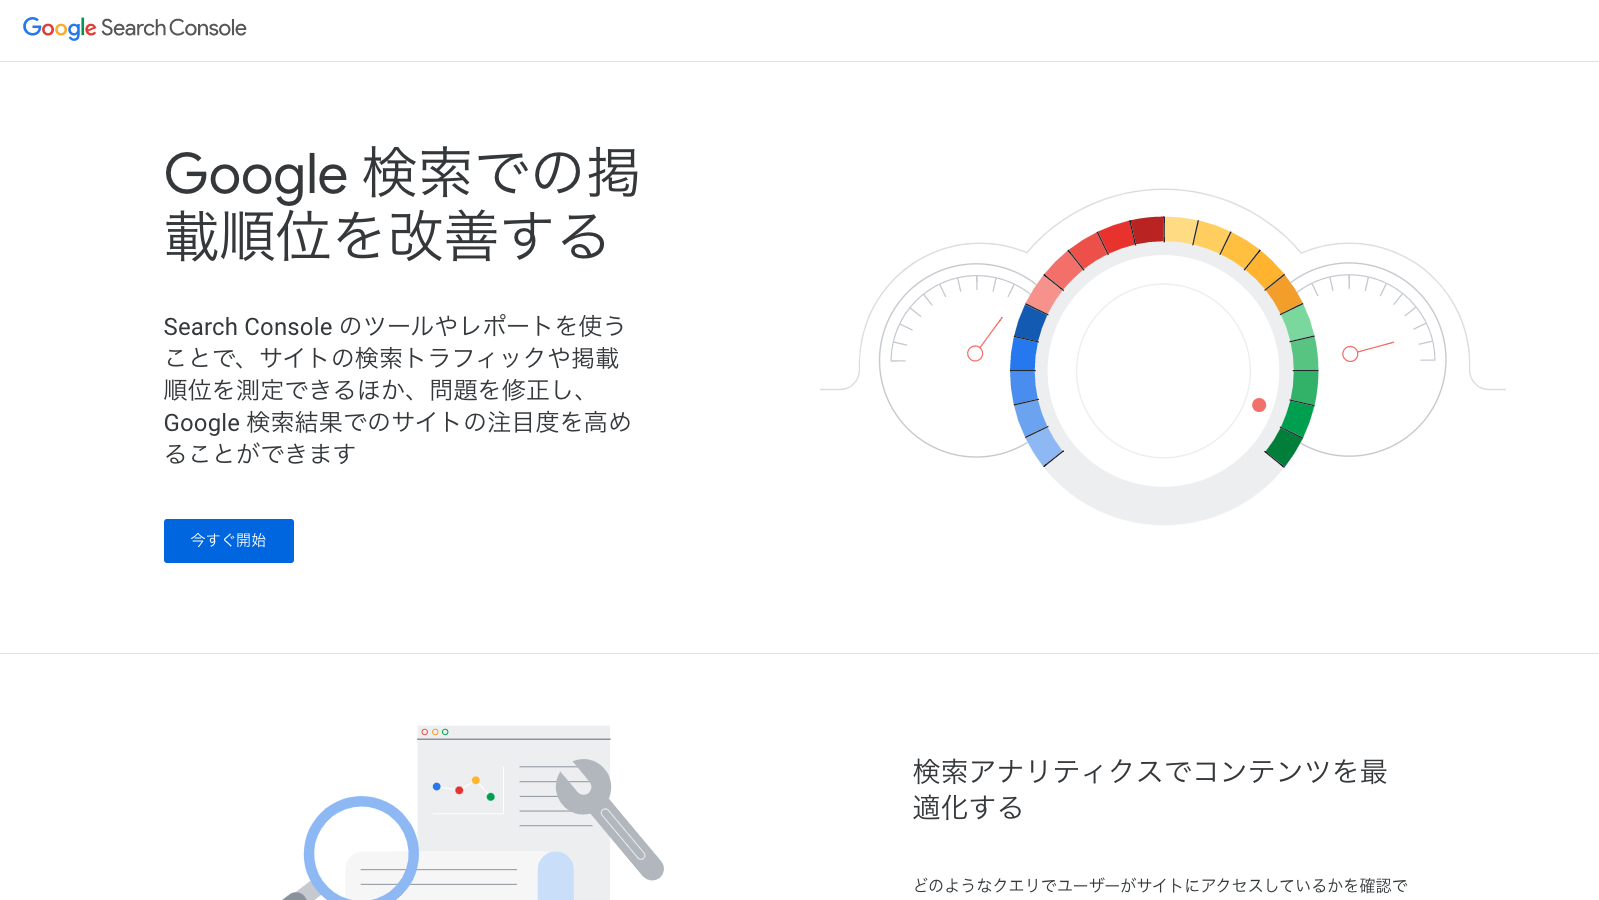 【2020年】ホームページの改善に役立つ!サーチコンソールの基本の使い方